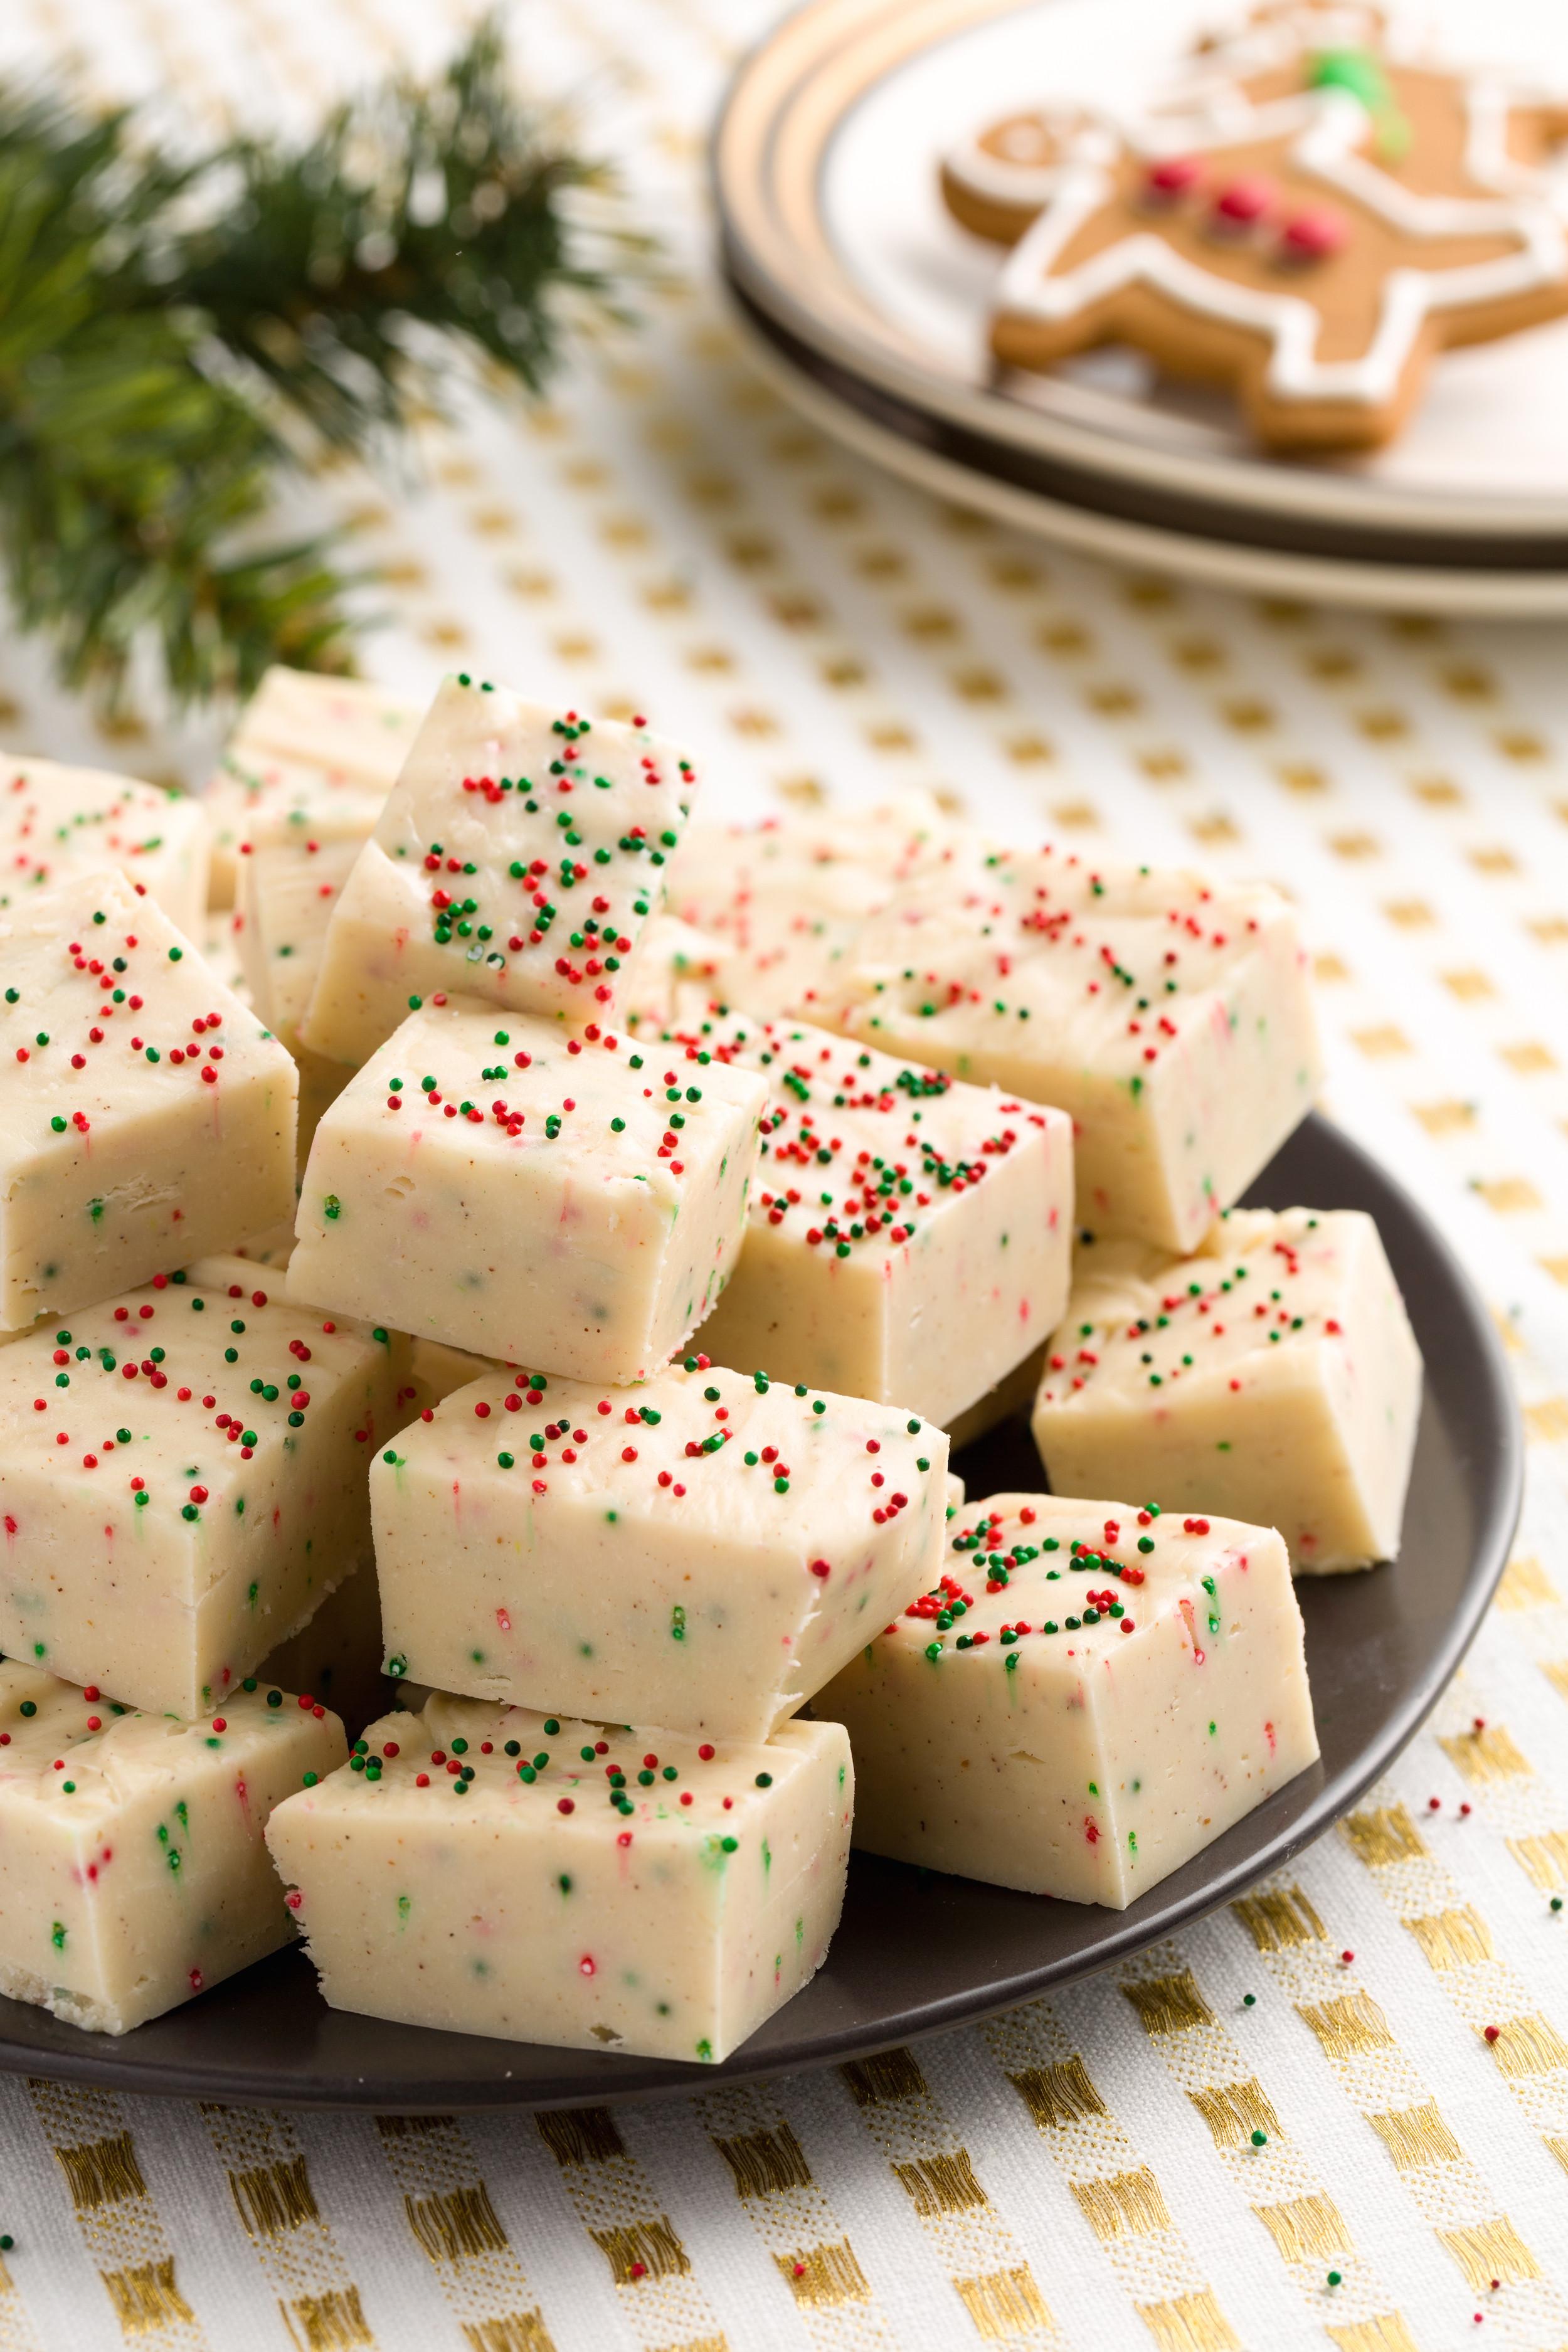 Homemade Christmas Candy  18 Easy Homemade Christmas Candy Recipes How To Make